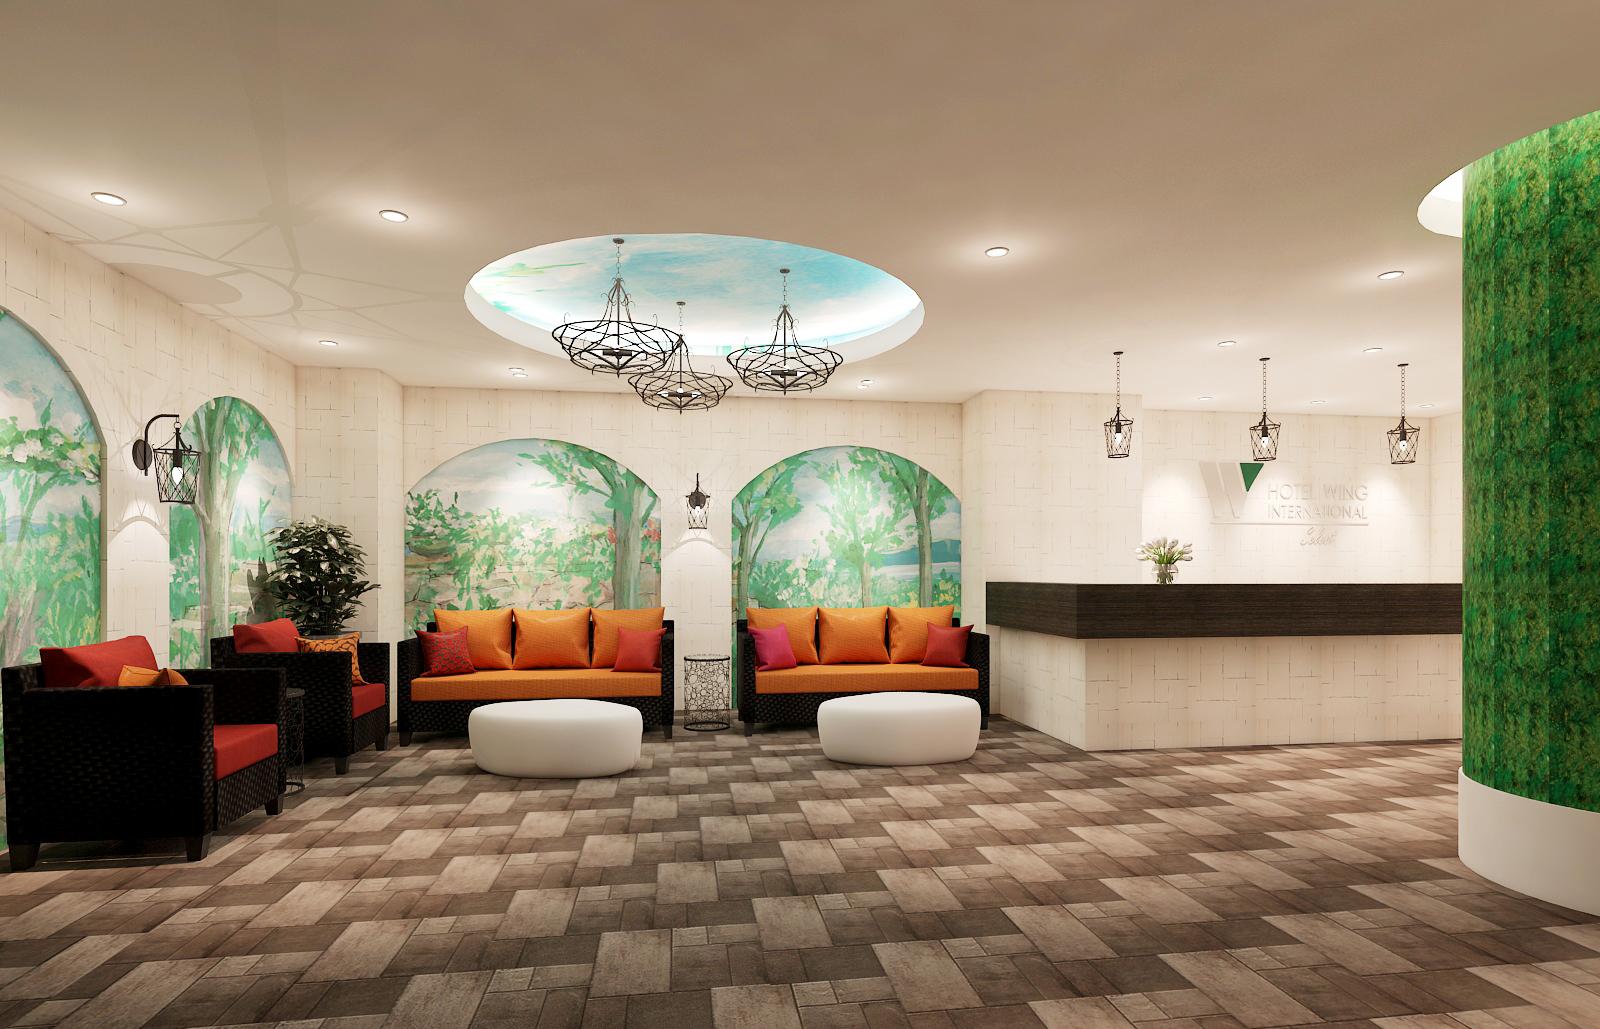 ホテルウィングインターナショナルセレクト名古屋栄 シングルルーム